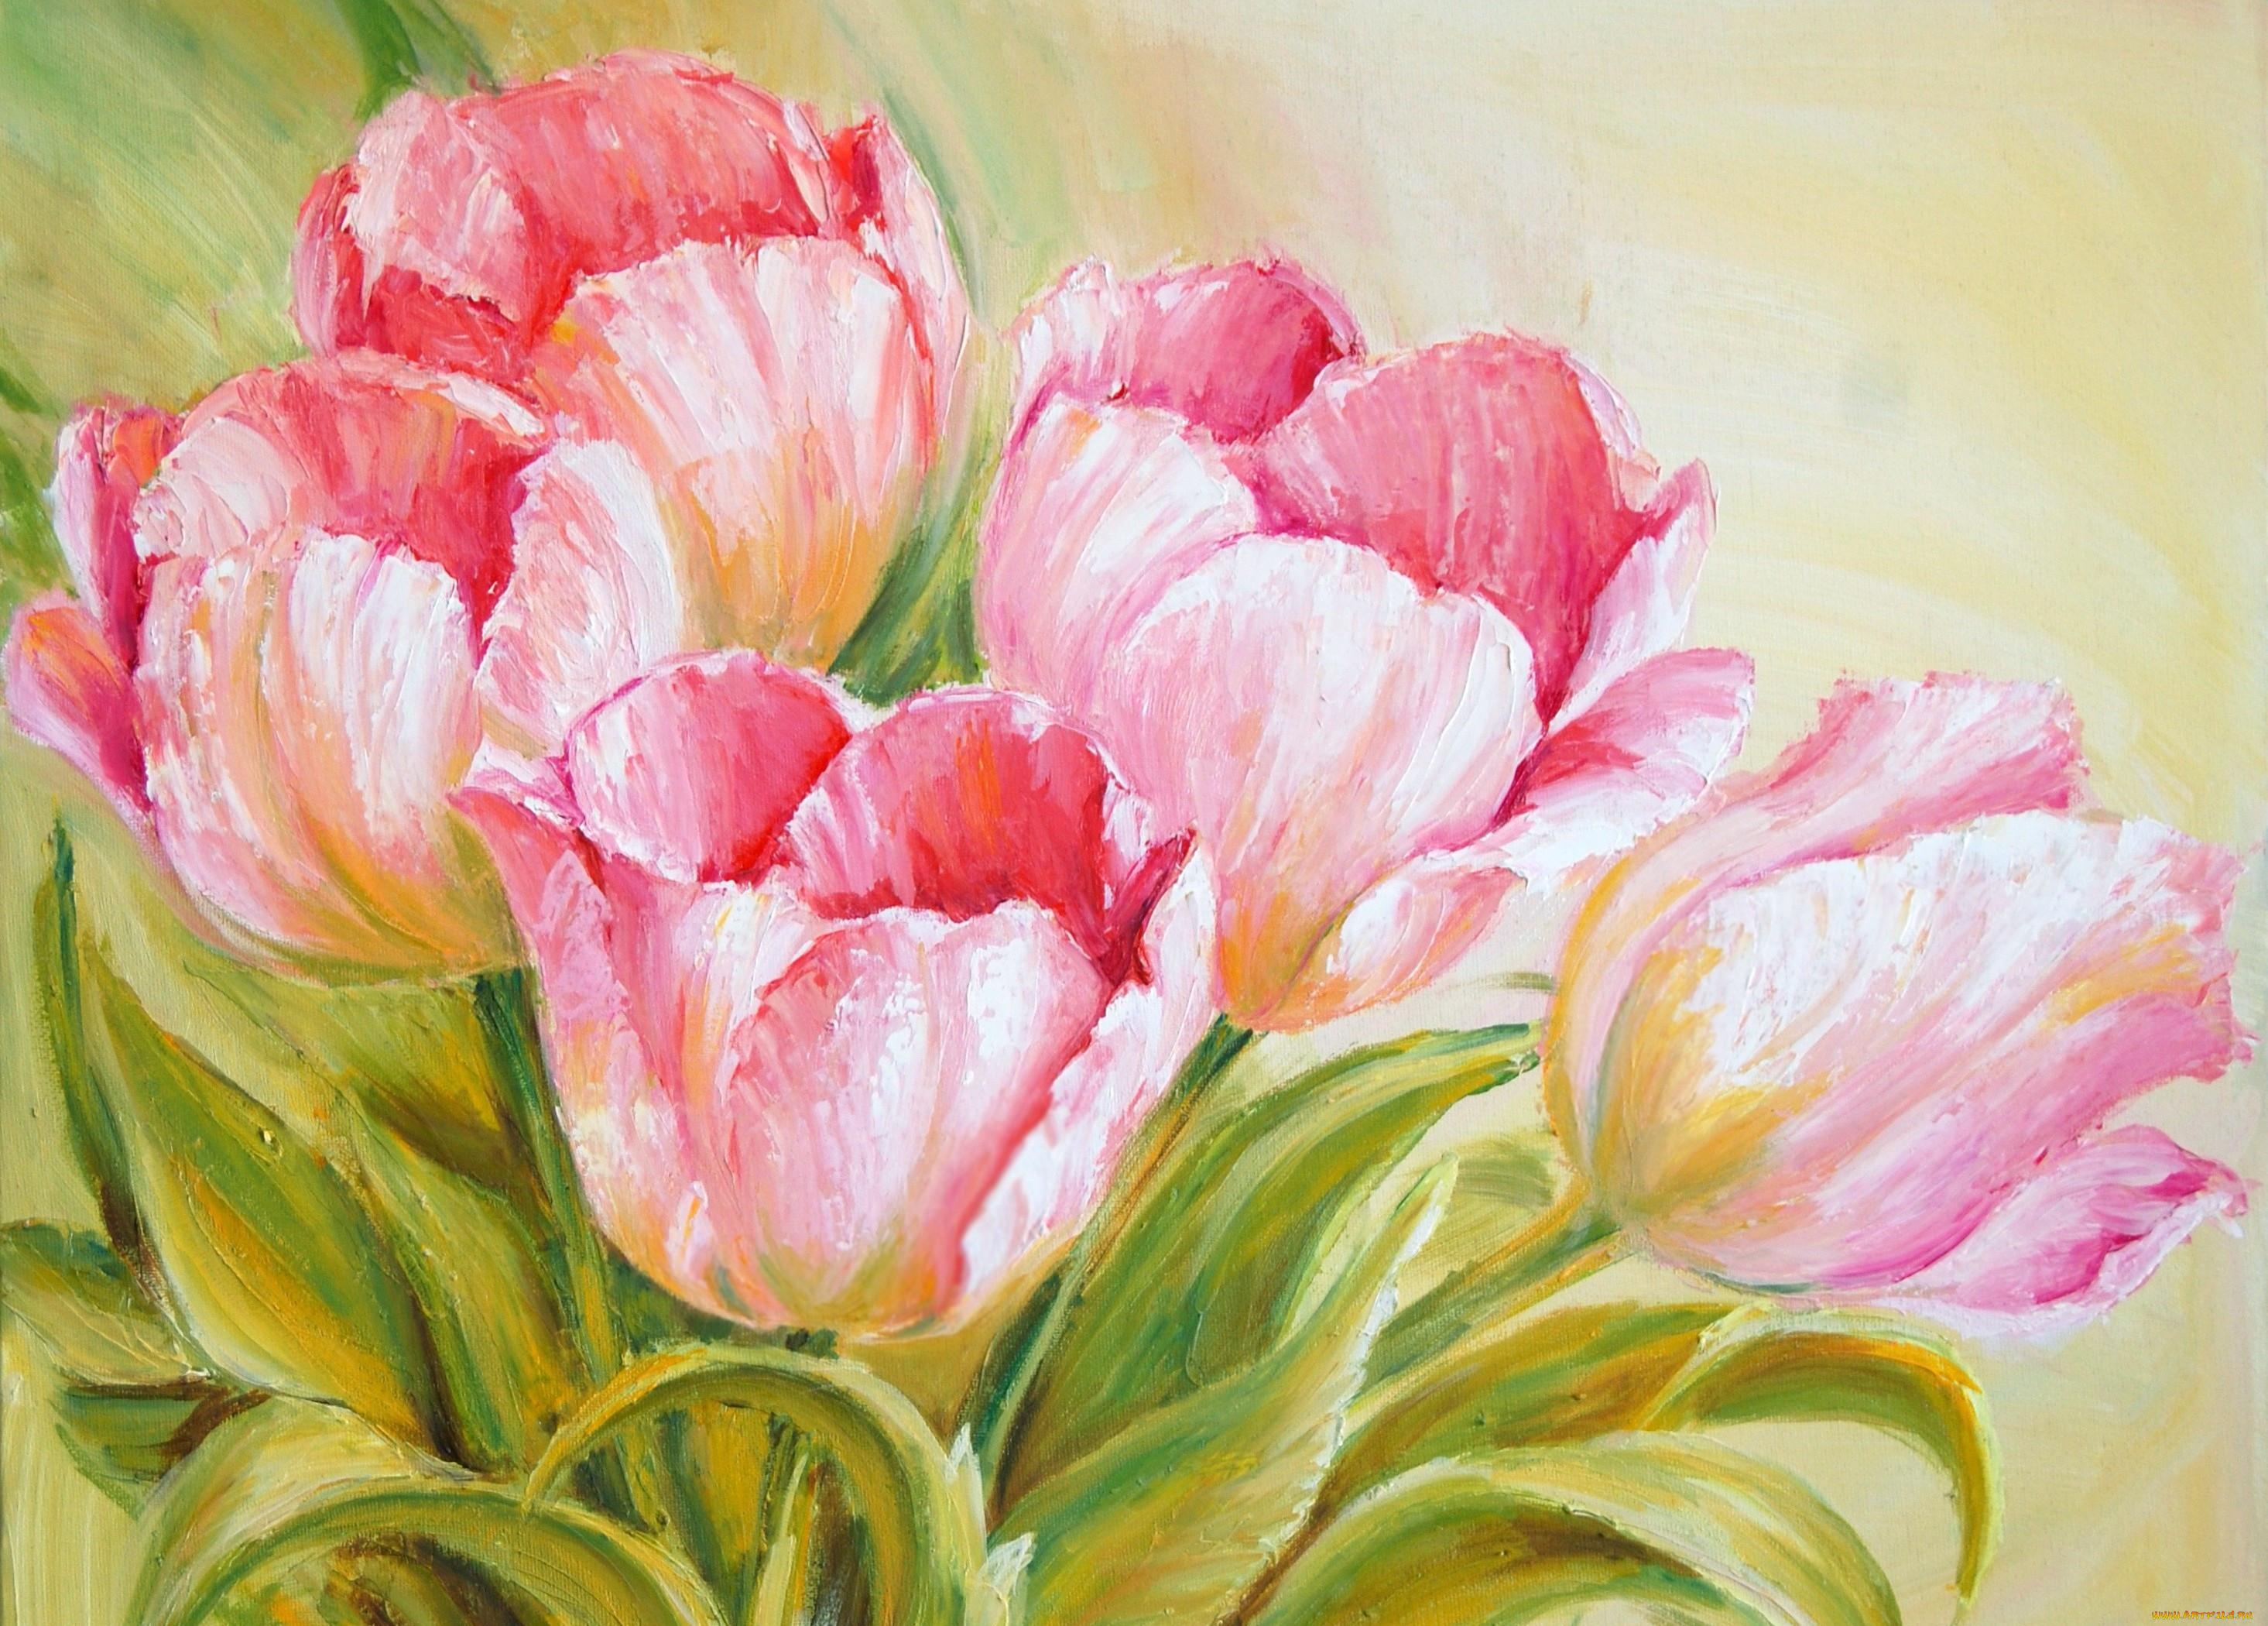 Красивые картинки рисунков цветов